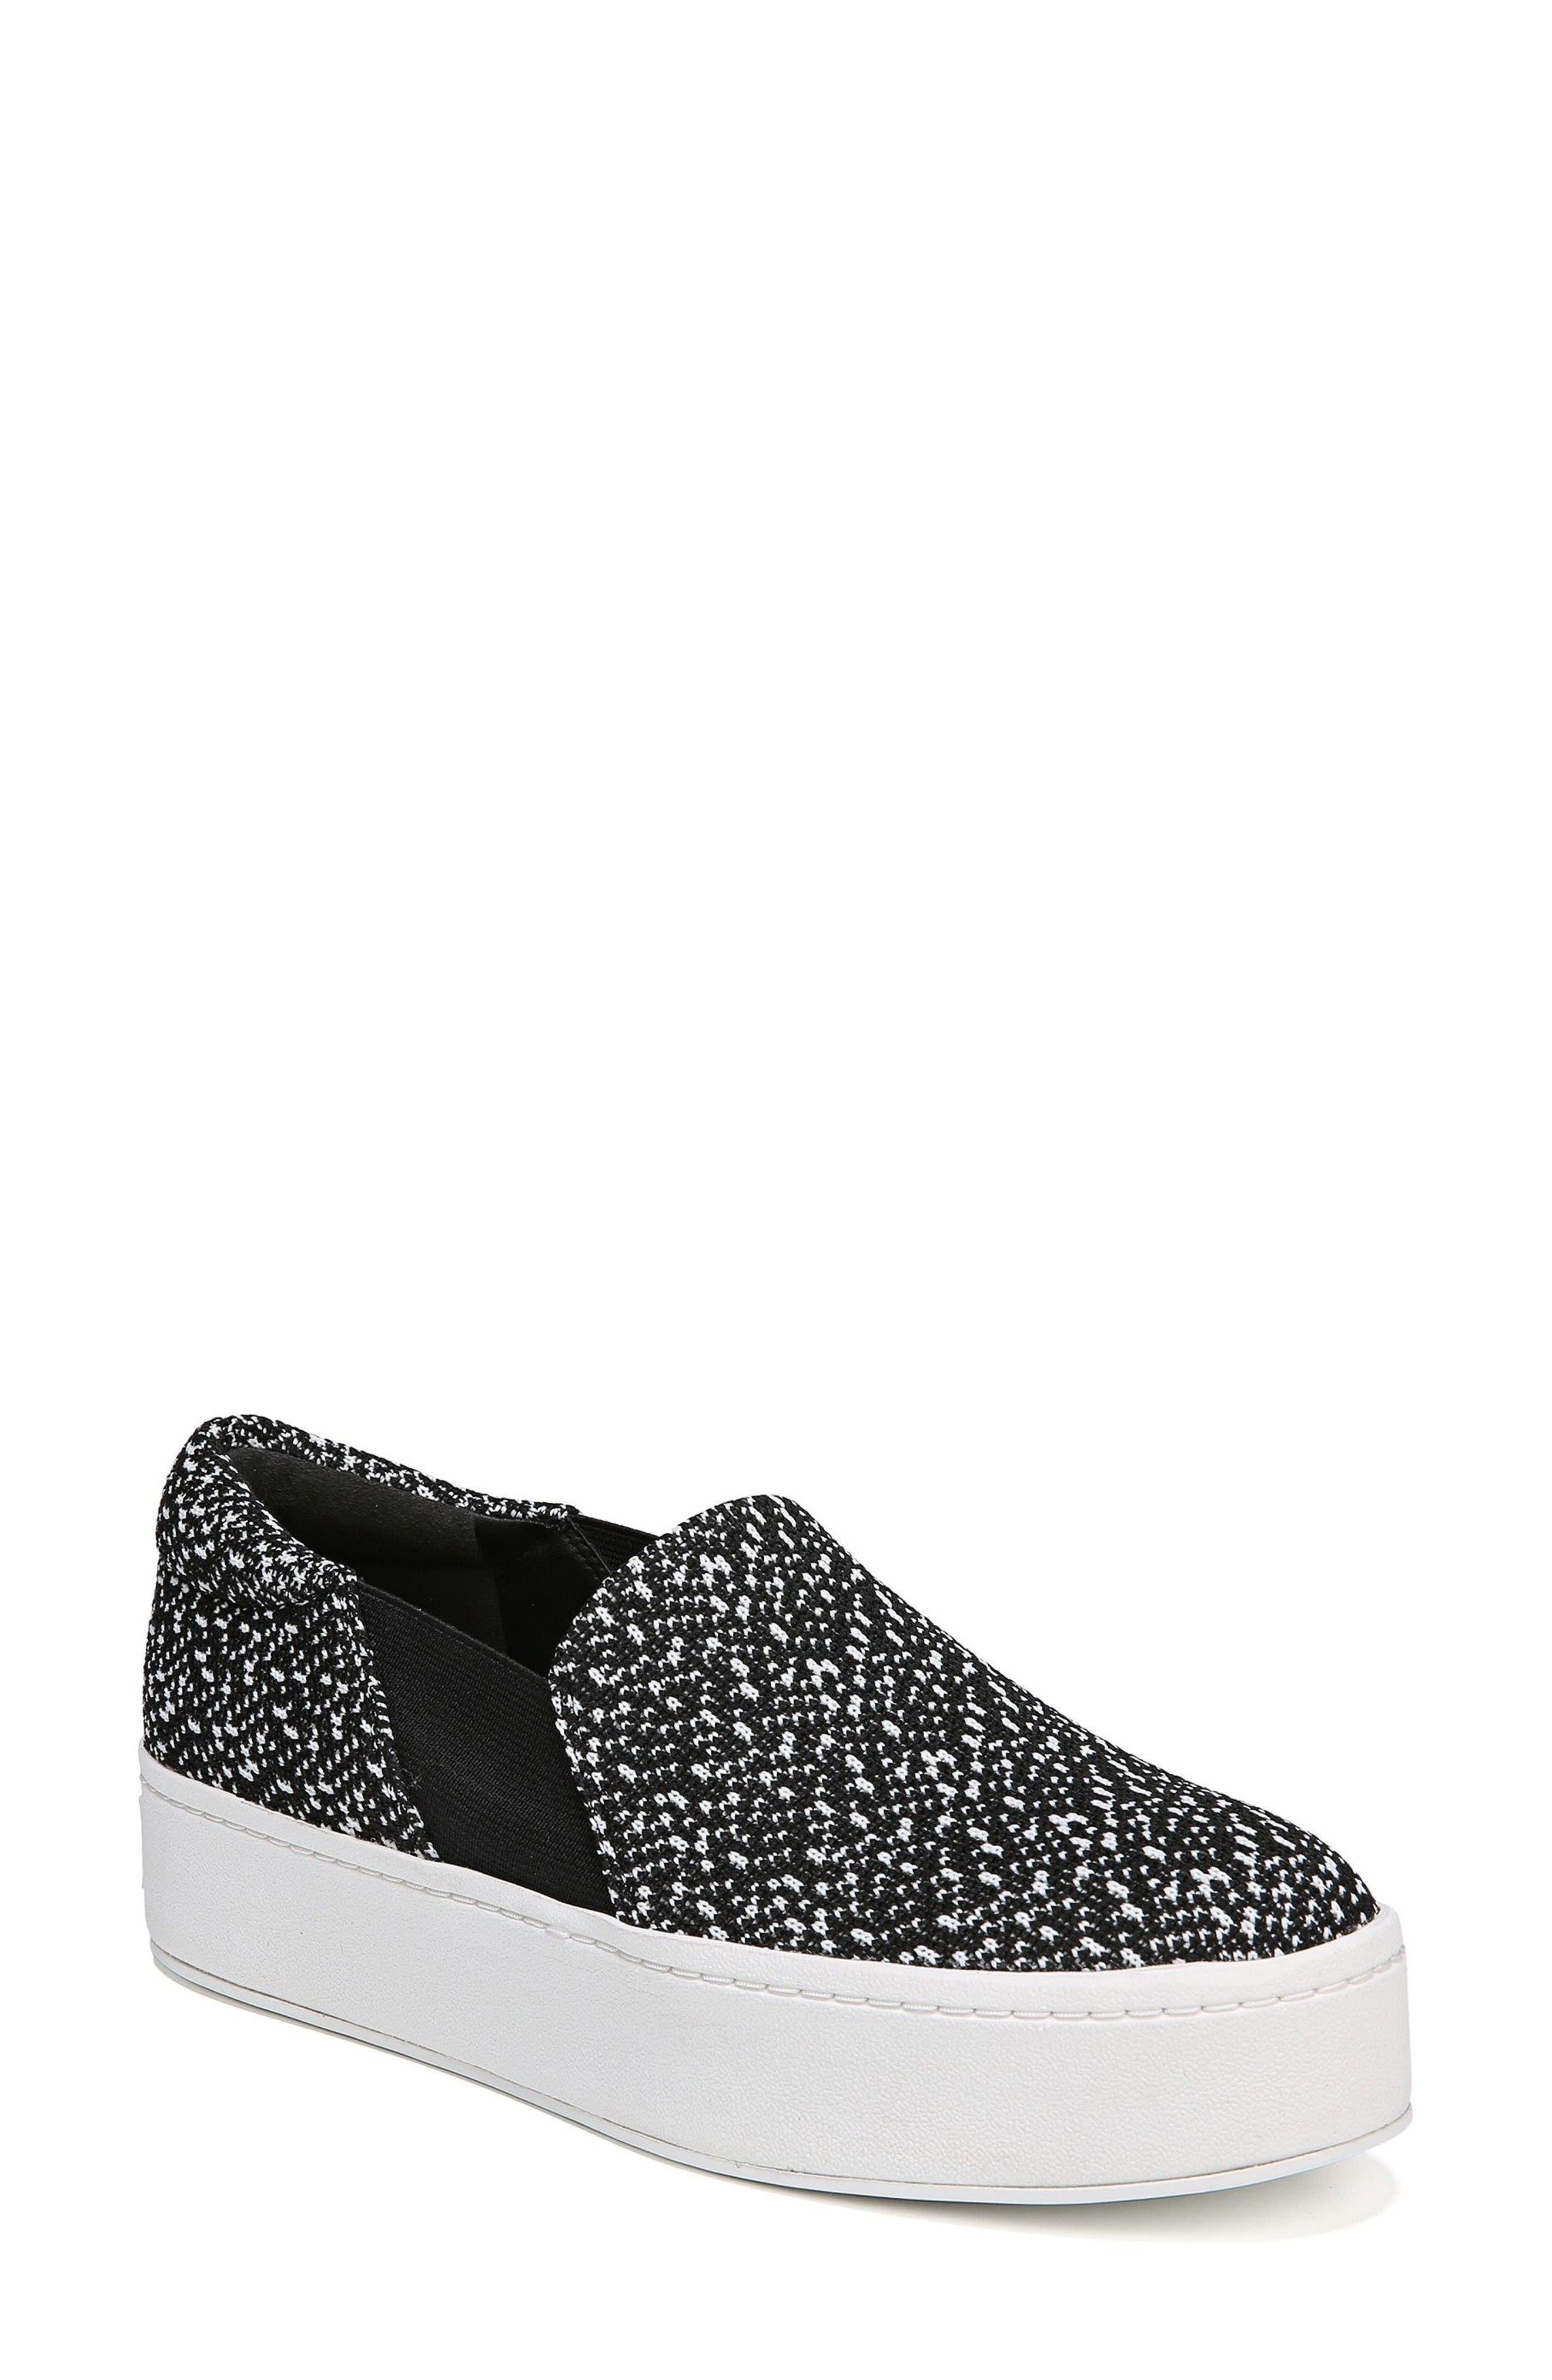 Warren Slip-On Sneaker,                         Main,                         color, BLACK/ WHITE